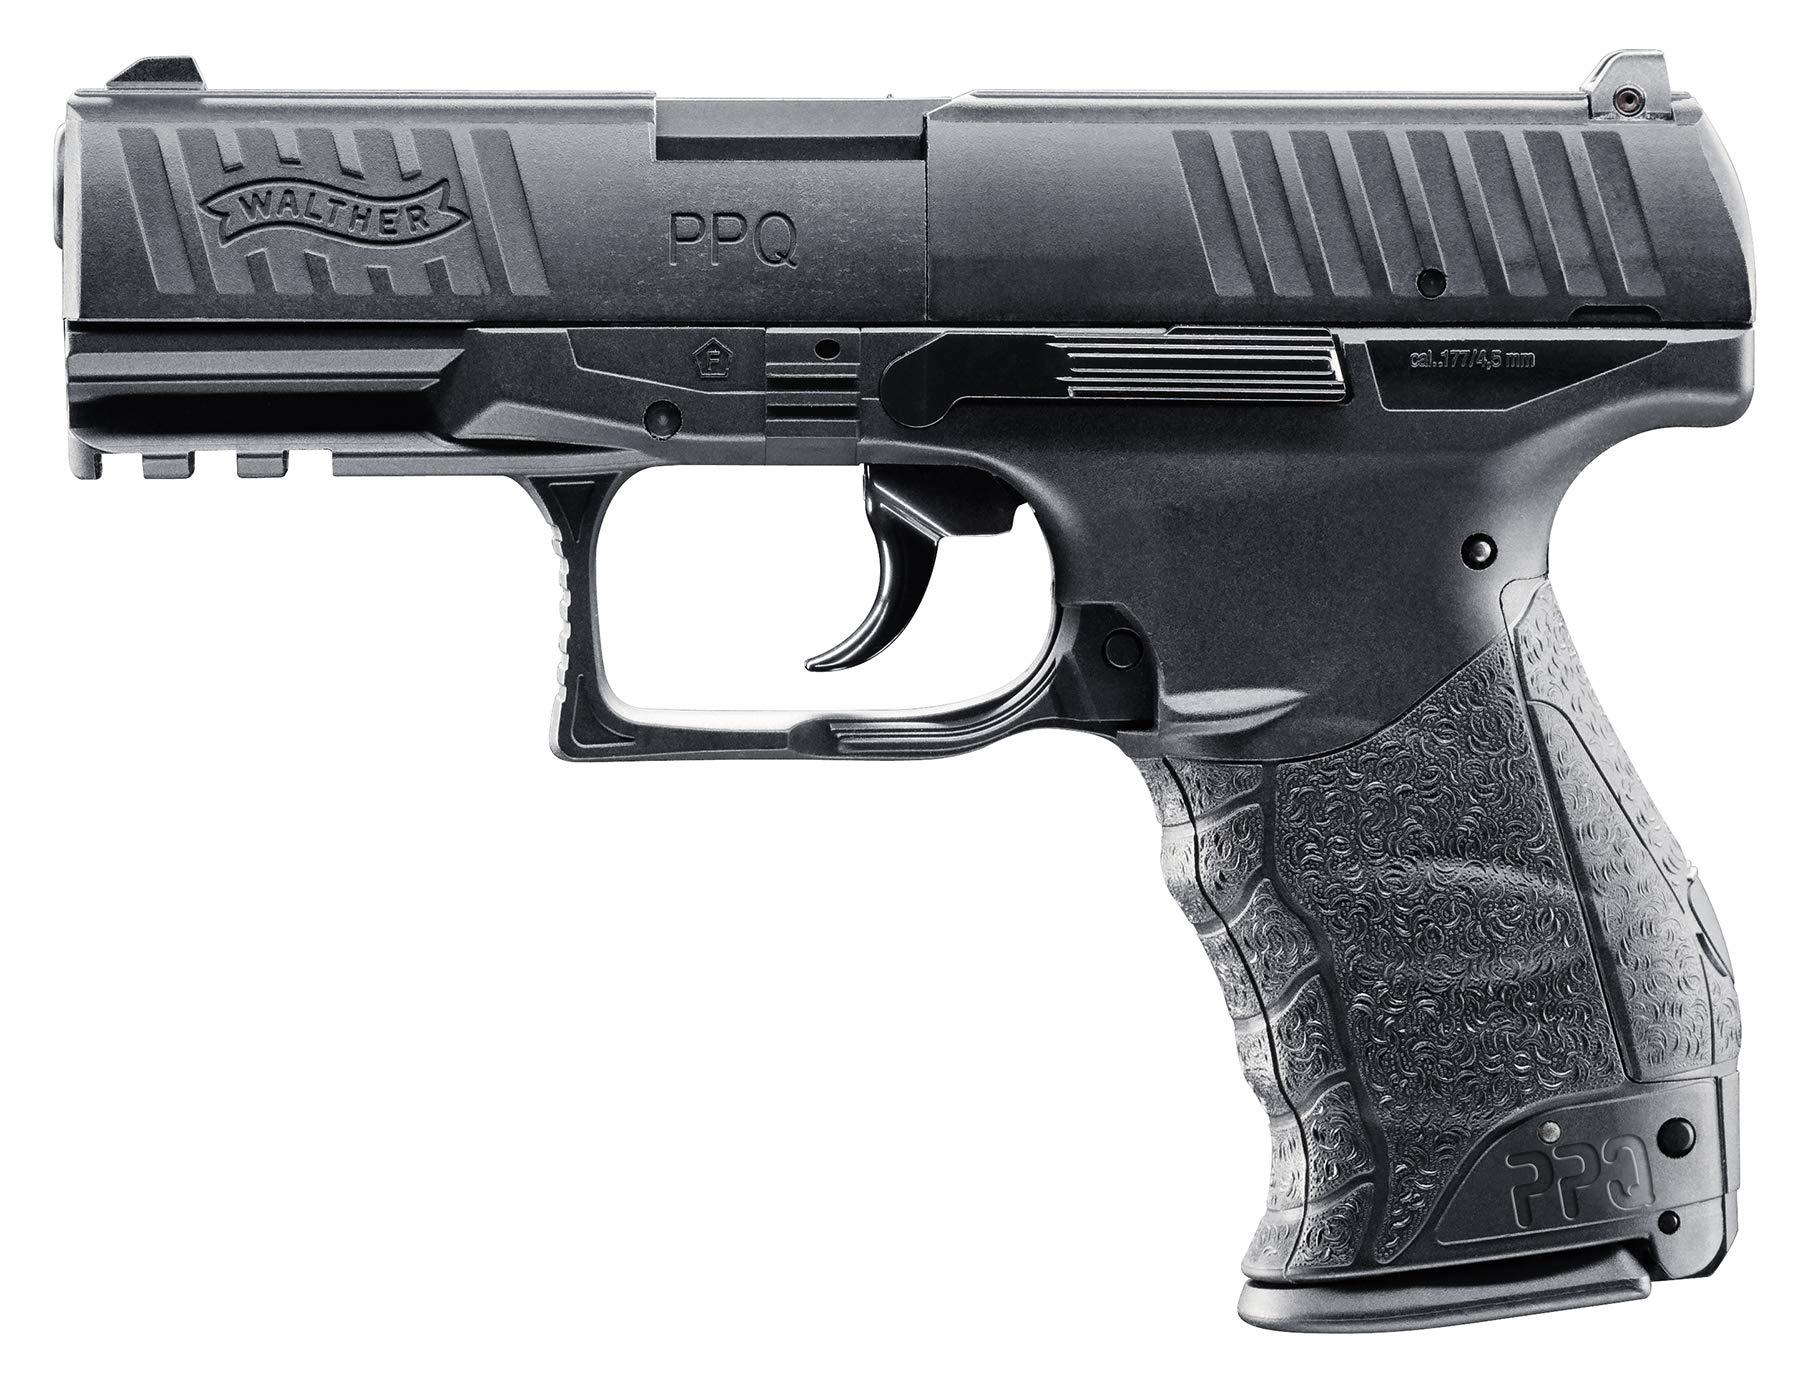 Walther PPQ .177 Caliber Pellet or BB Gun Air Pistol by Umarex